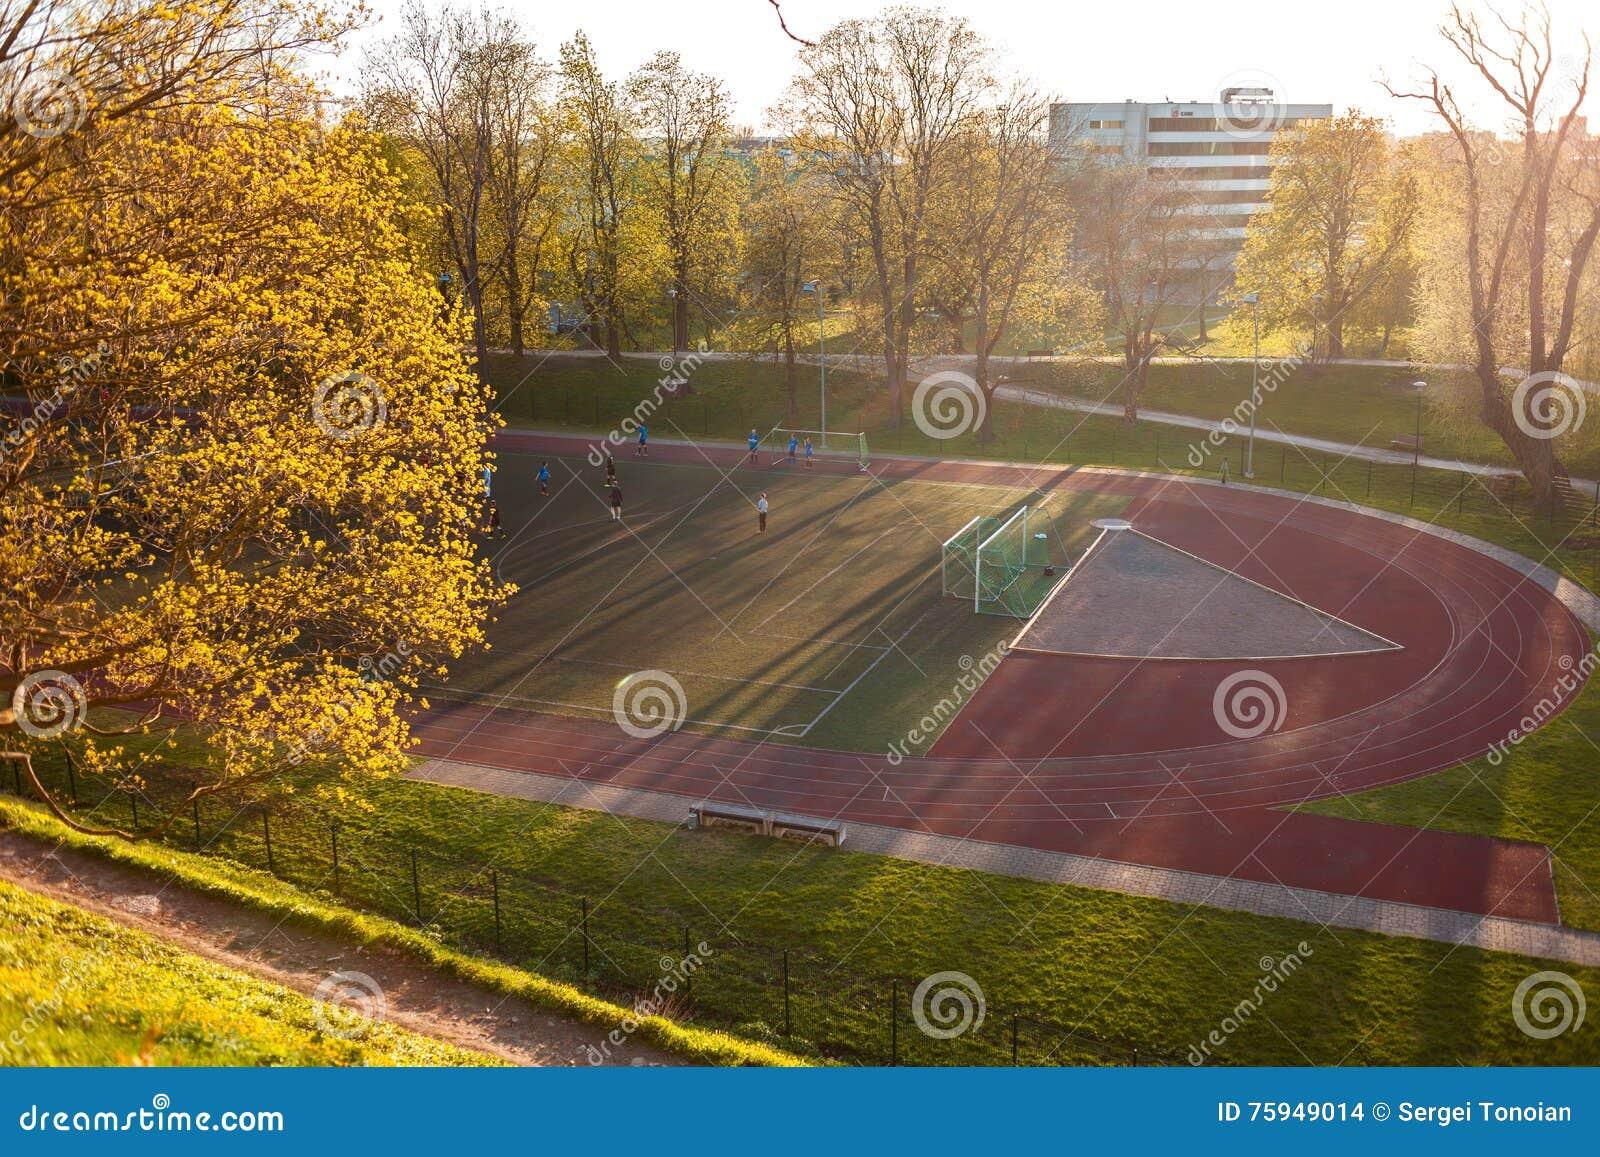 Estland Tallinn - 06 MAJ 2016: Yngre fotbollslagutbildning på stadion